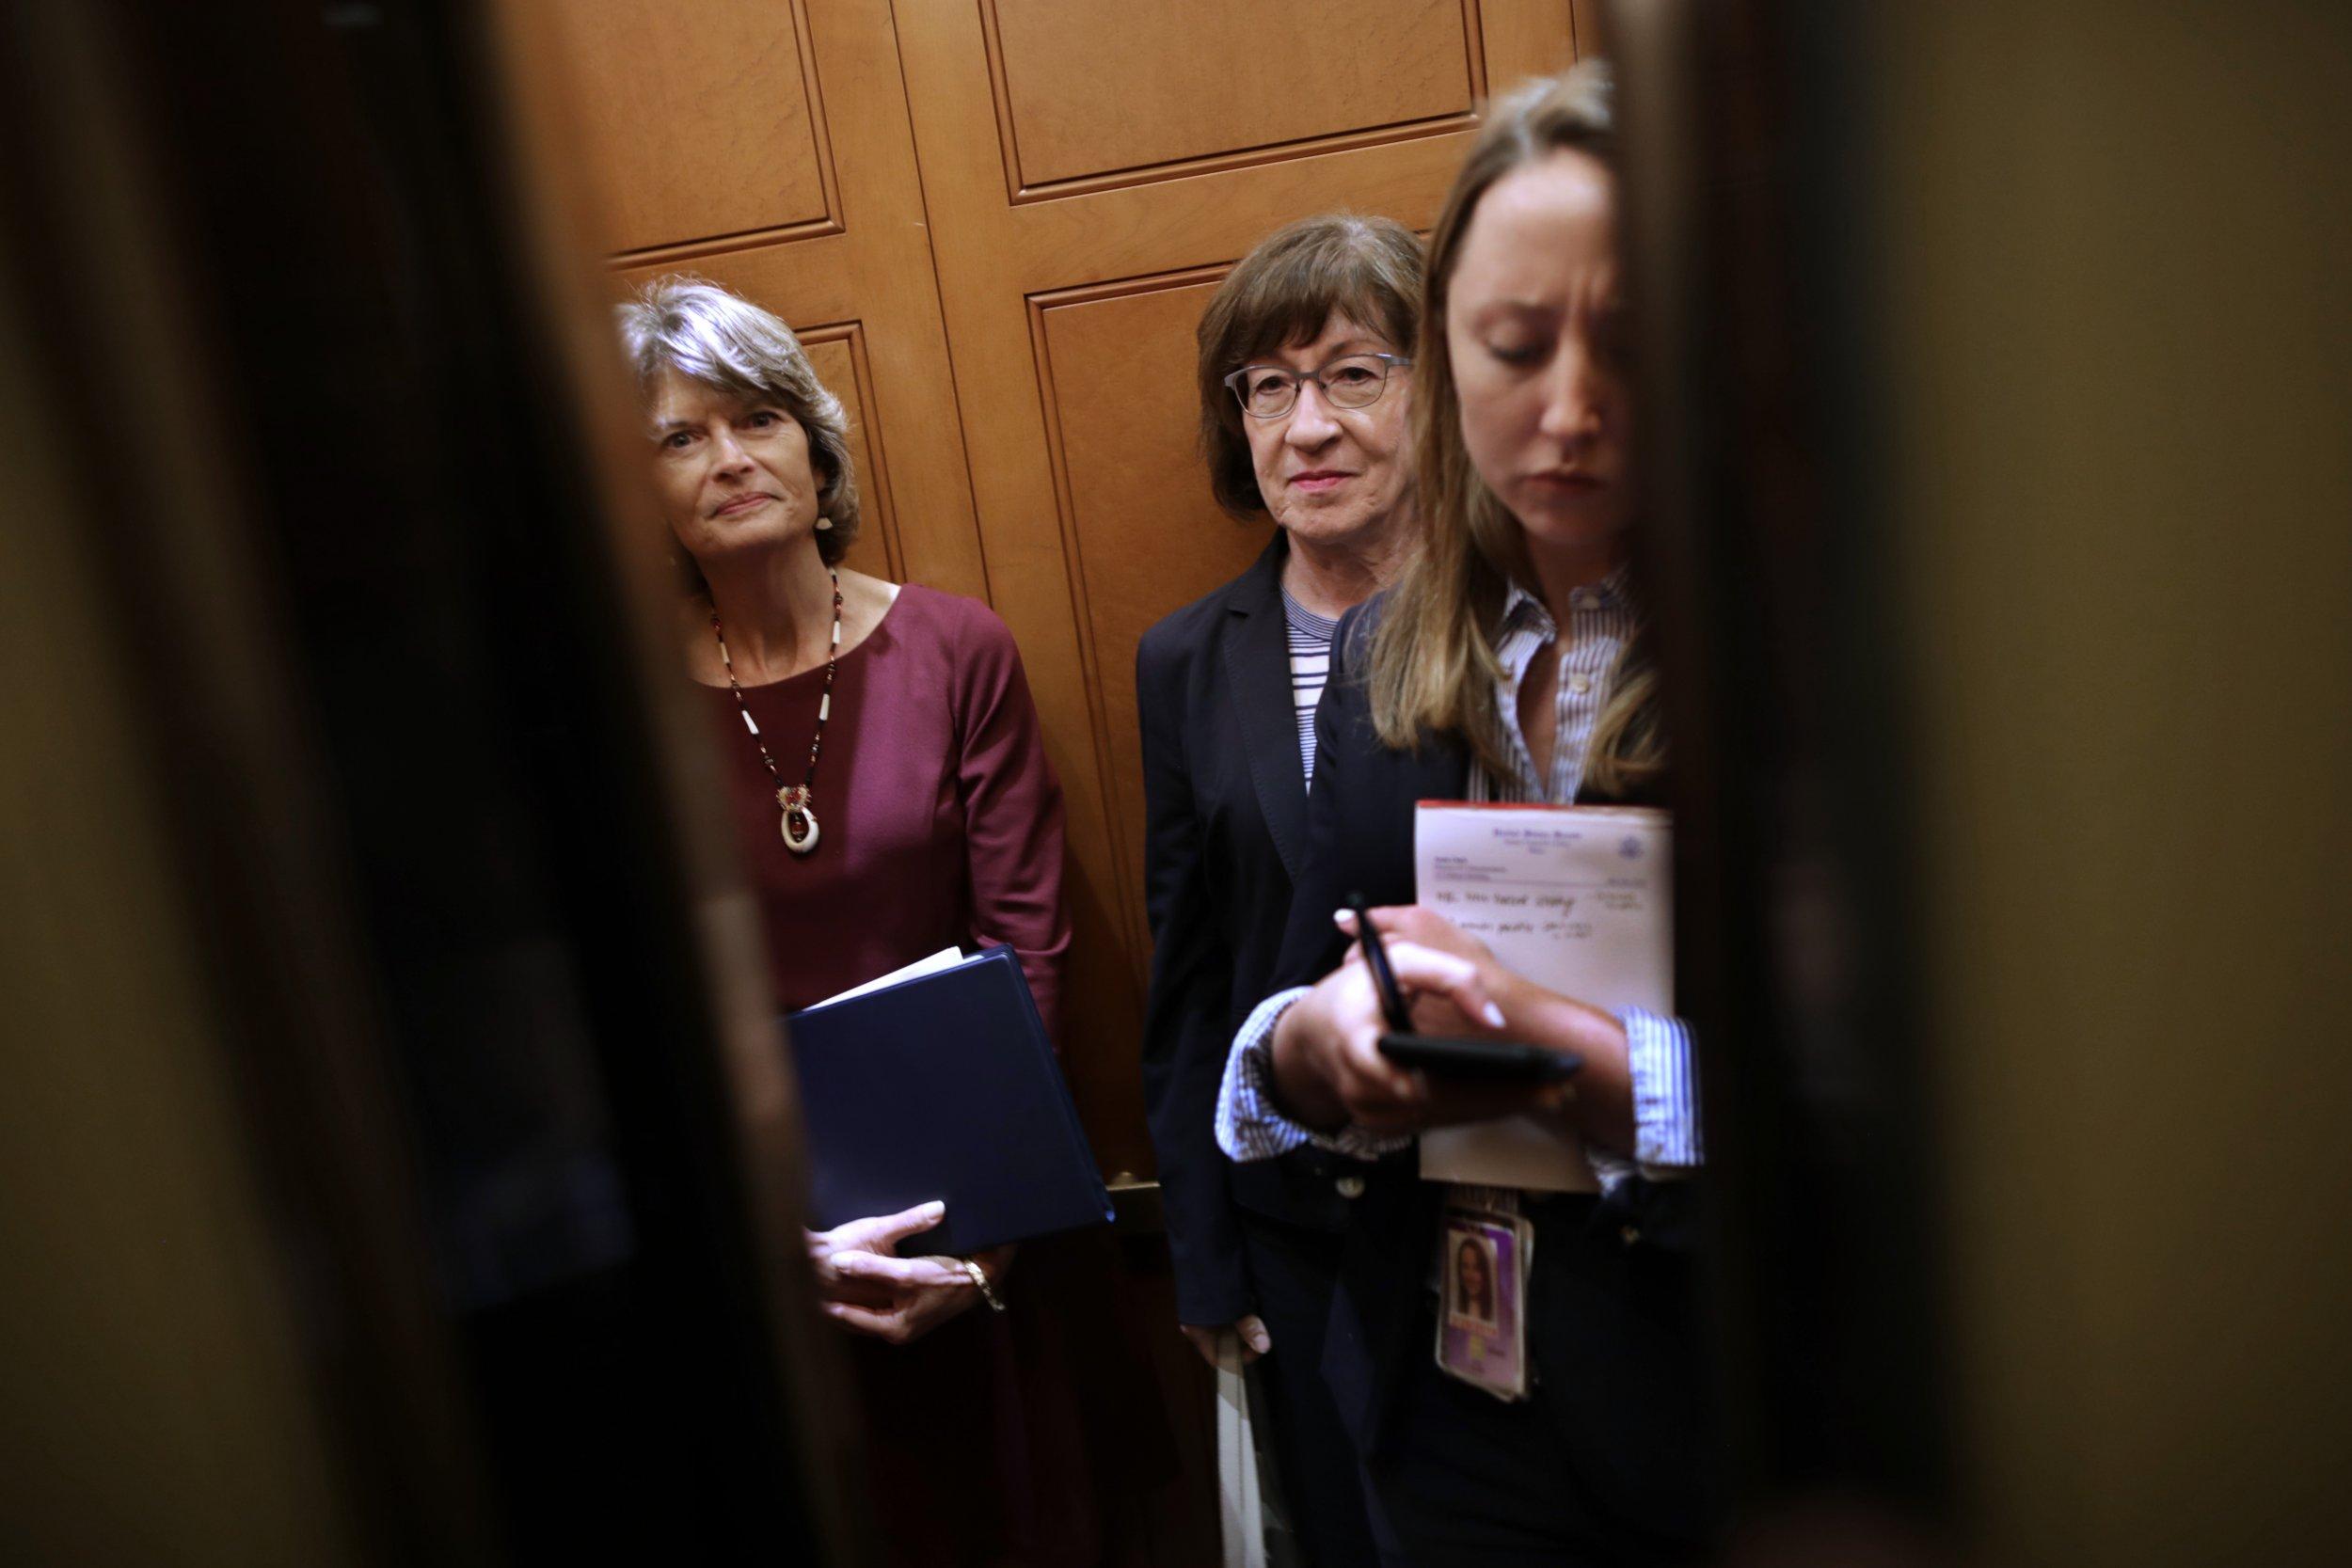 trump angered republican senators confirm kavanaugh